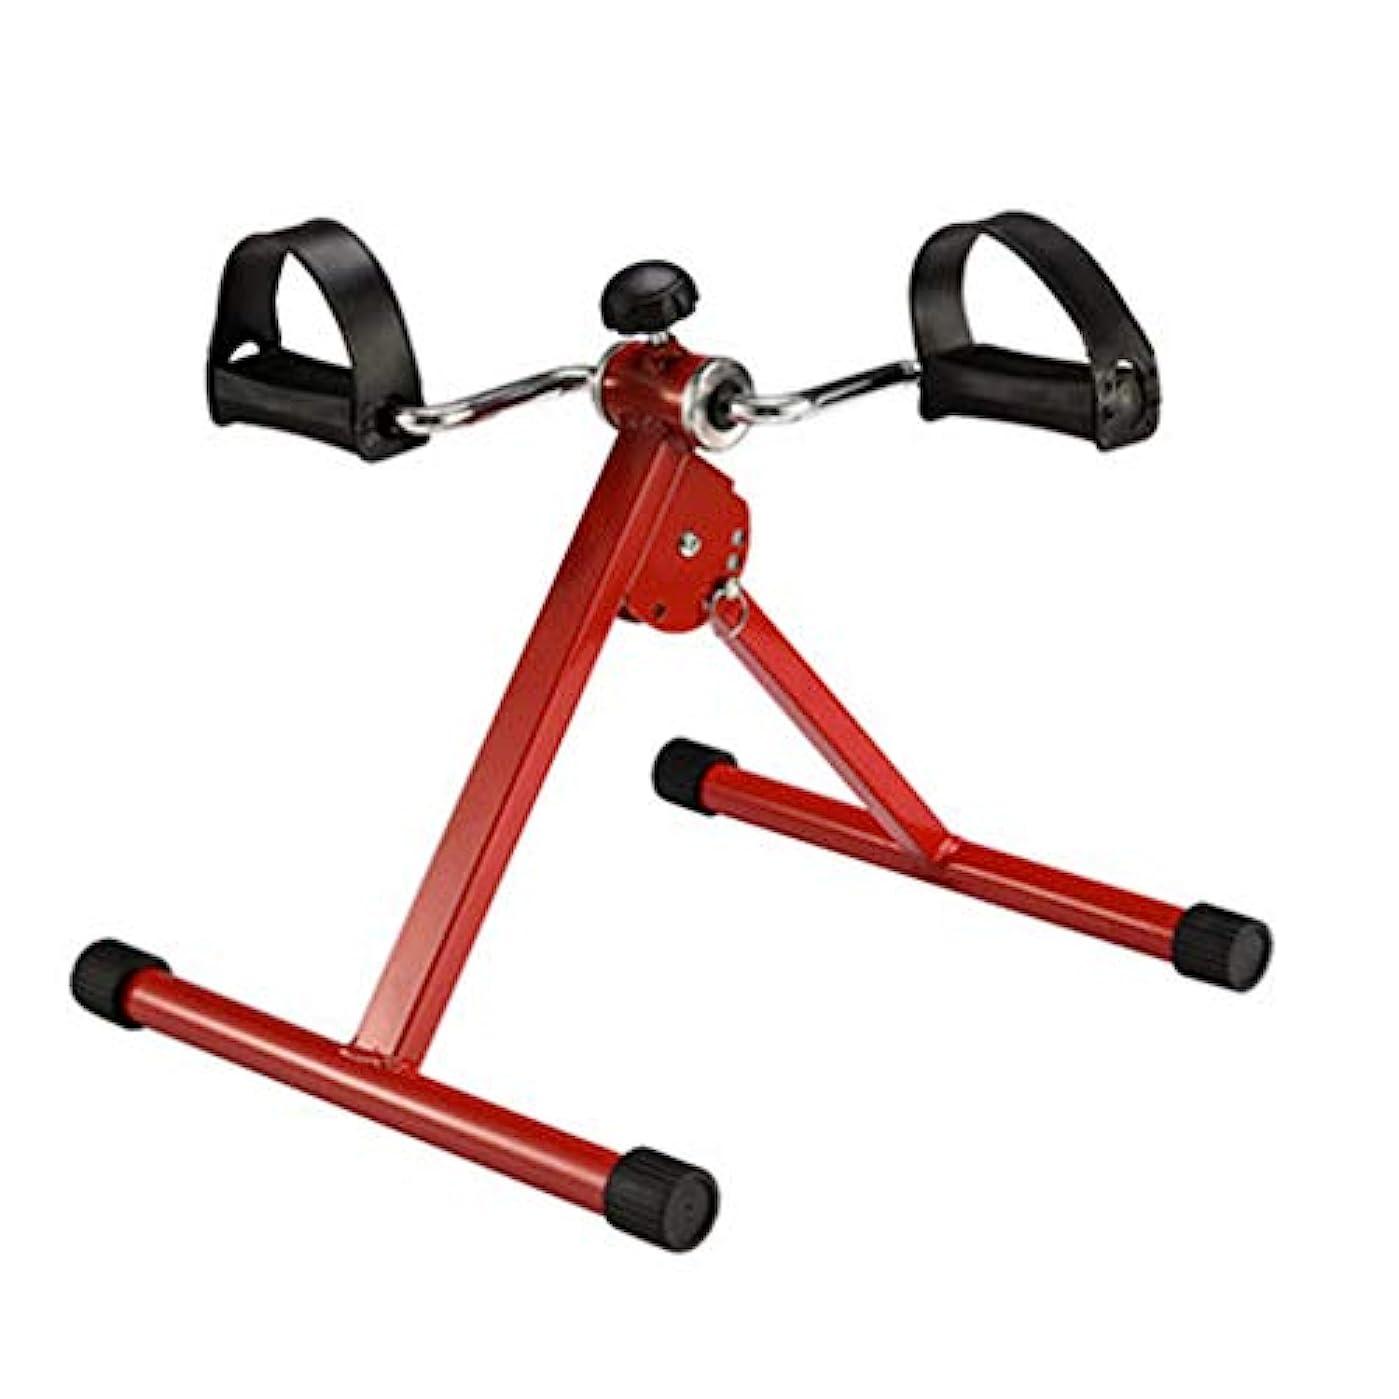 いま物理いつペダルエクササイザー美しいレッグペダルマシンレッグトレーナー怠zyな自転車リハビリテーショントレーニング折りたたみホームミニエクササイズバイクは、足の血液循環を改善します,C